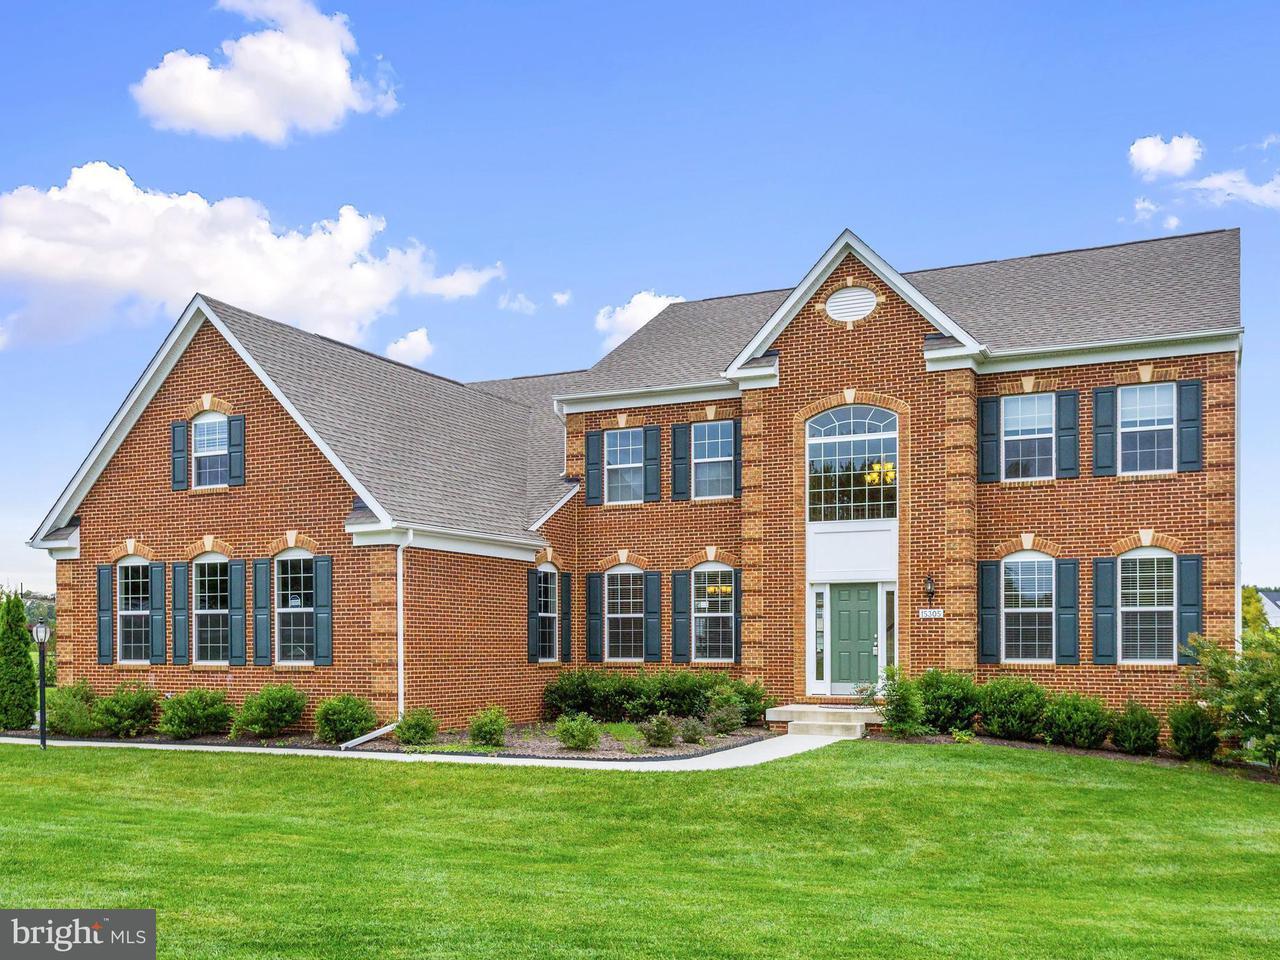 Частный односемейный дом для того Продажа на 15305 SWEETBAY Street 15305 SWEETBAY Street Woodbine, Мэриленд 21797 Соединенные Штаты